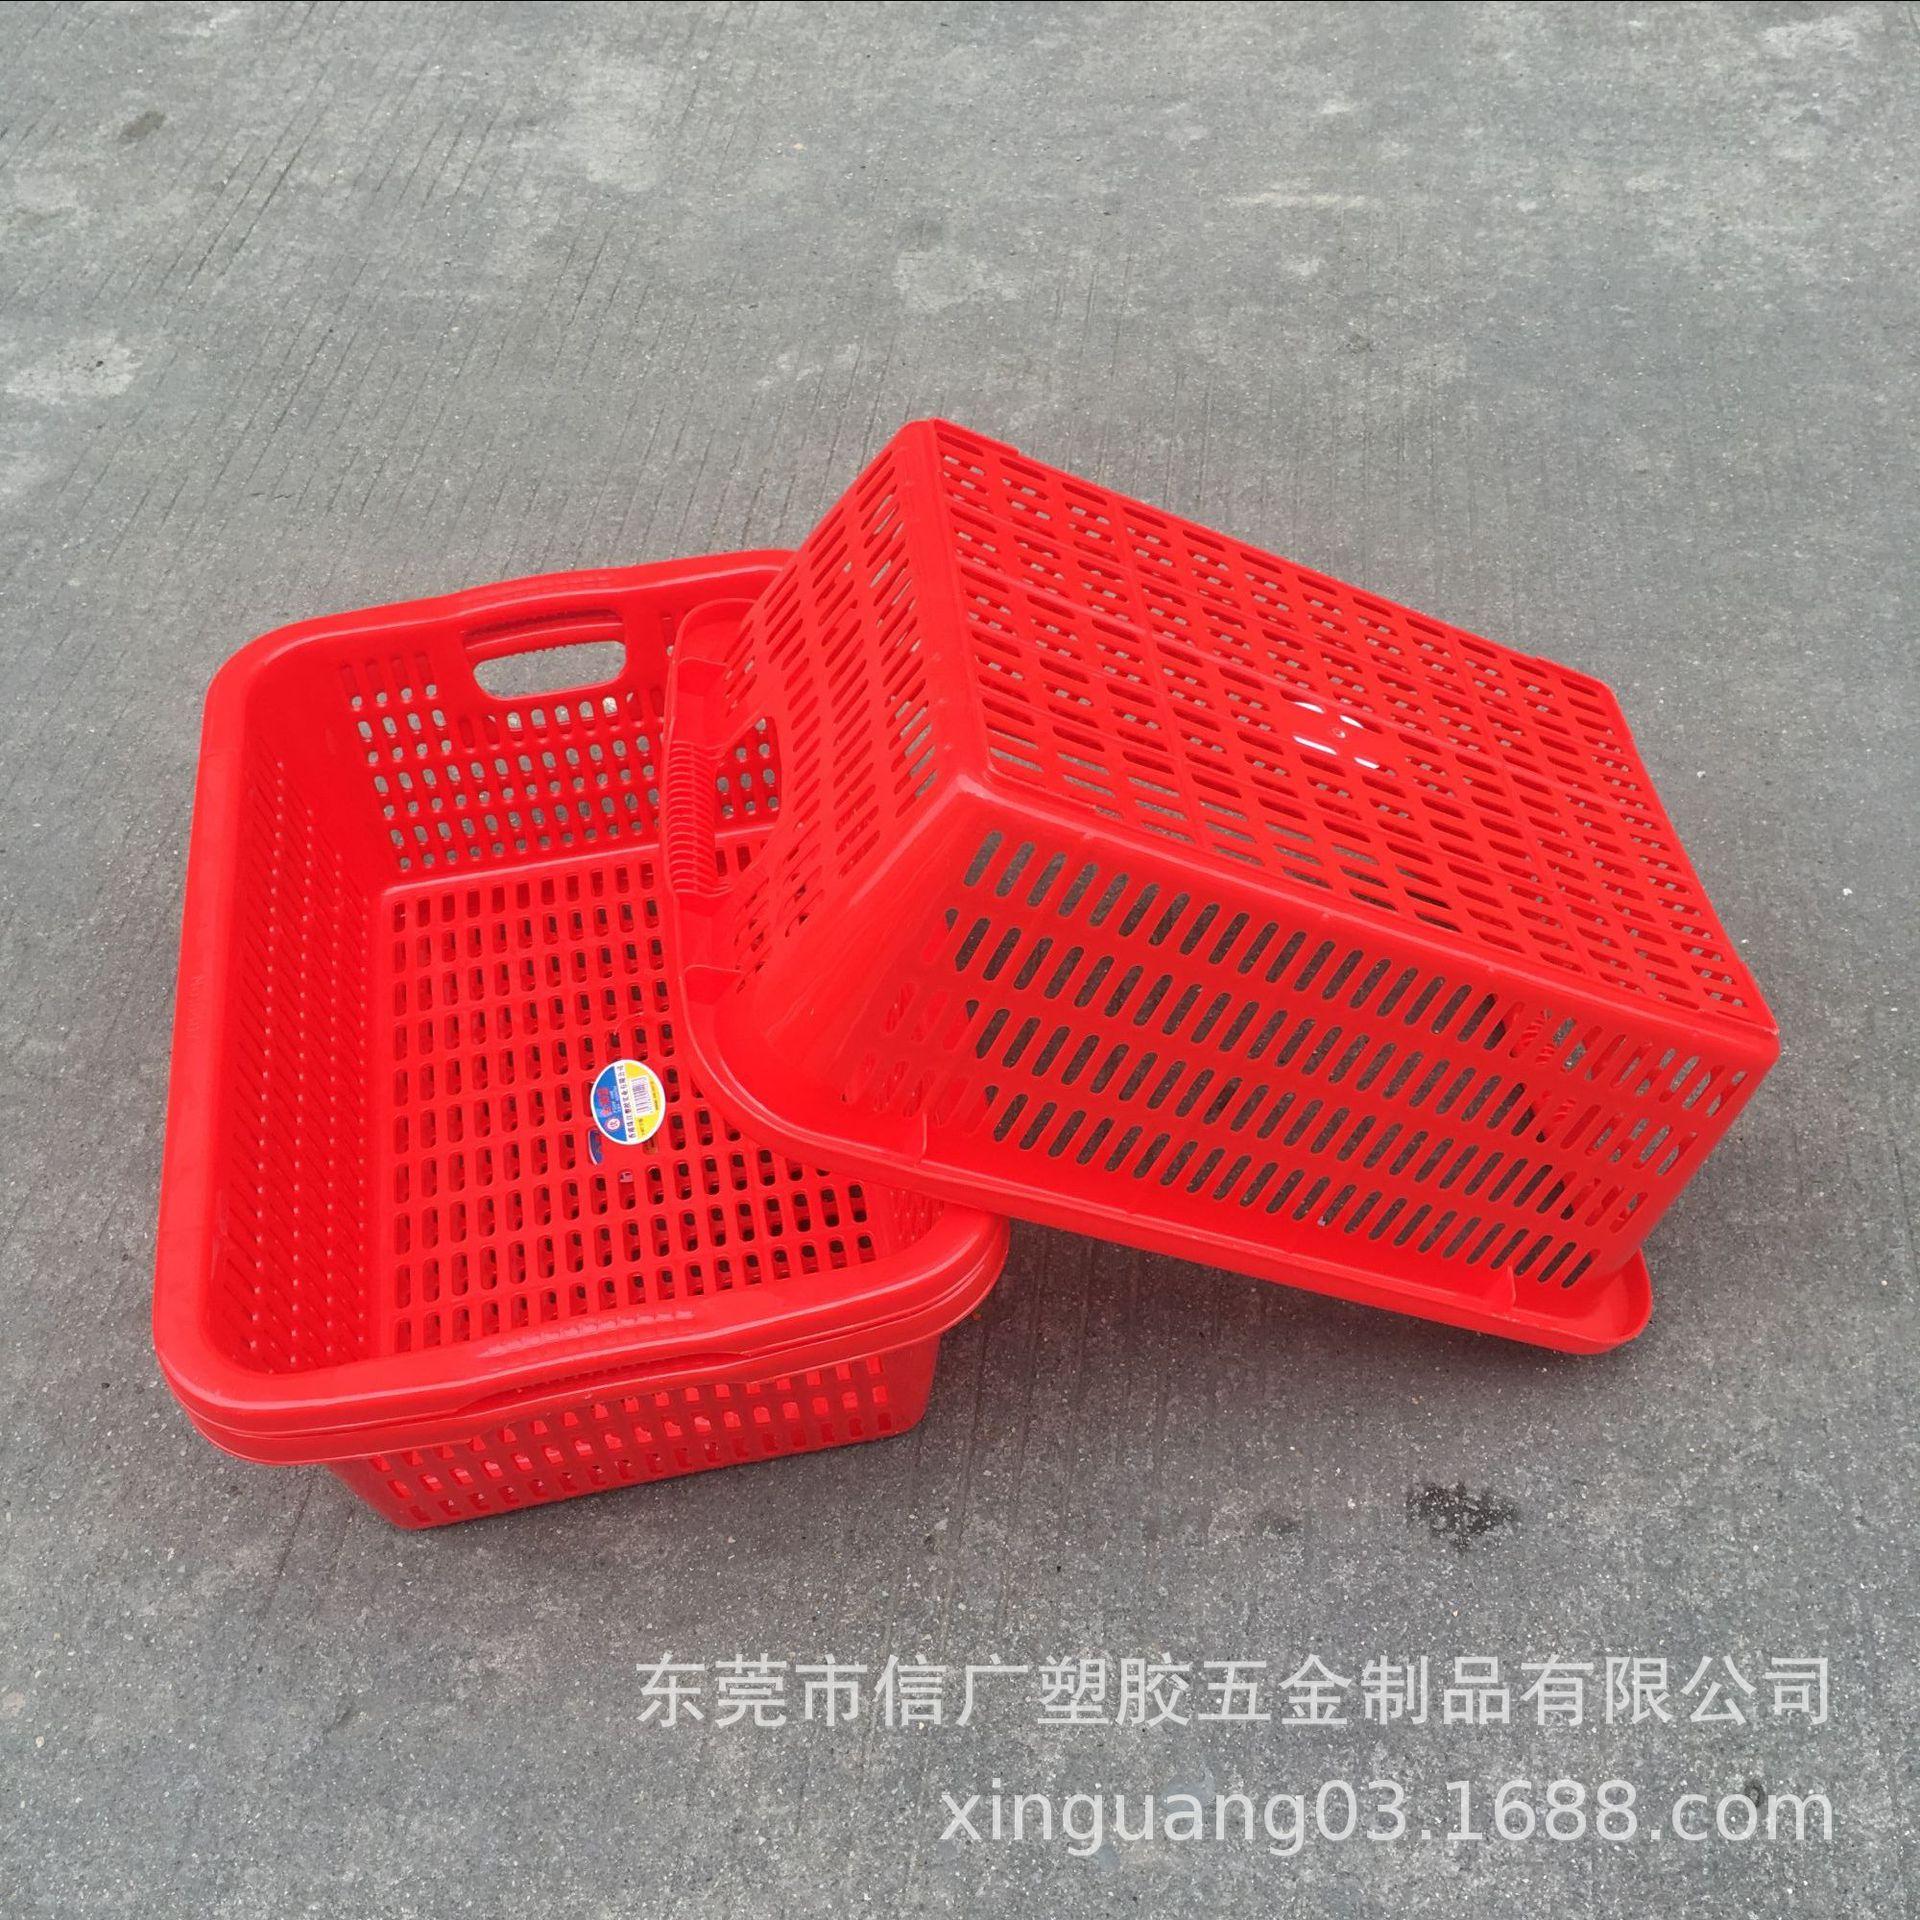 厂家供应广东珠三角塑料方筛 杂物收纳蓝 厨房储物篮水果蔬菜篮子